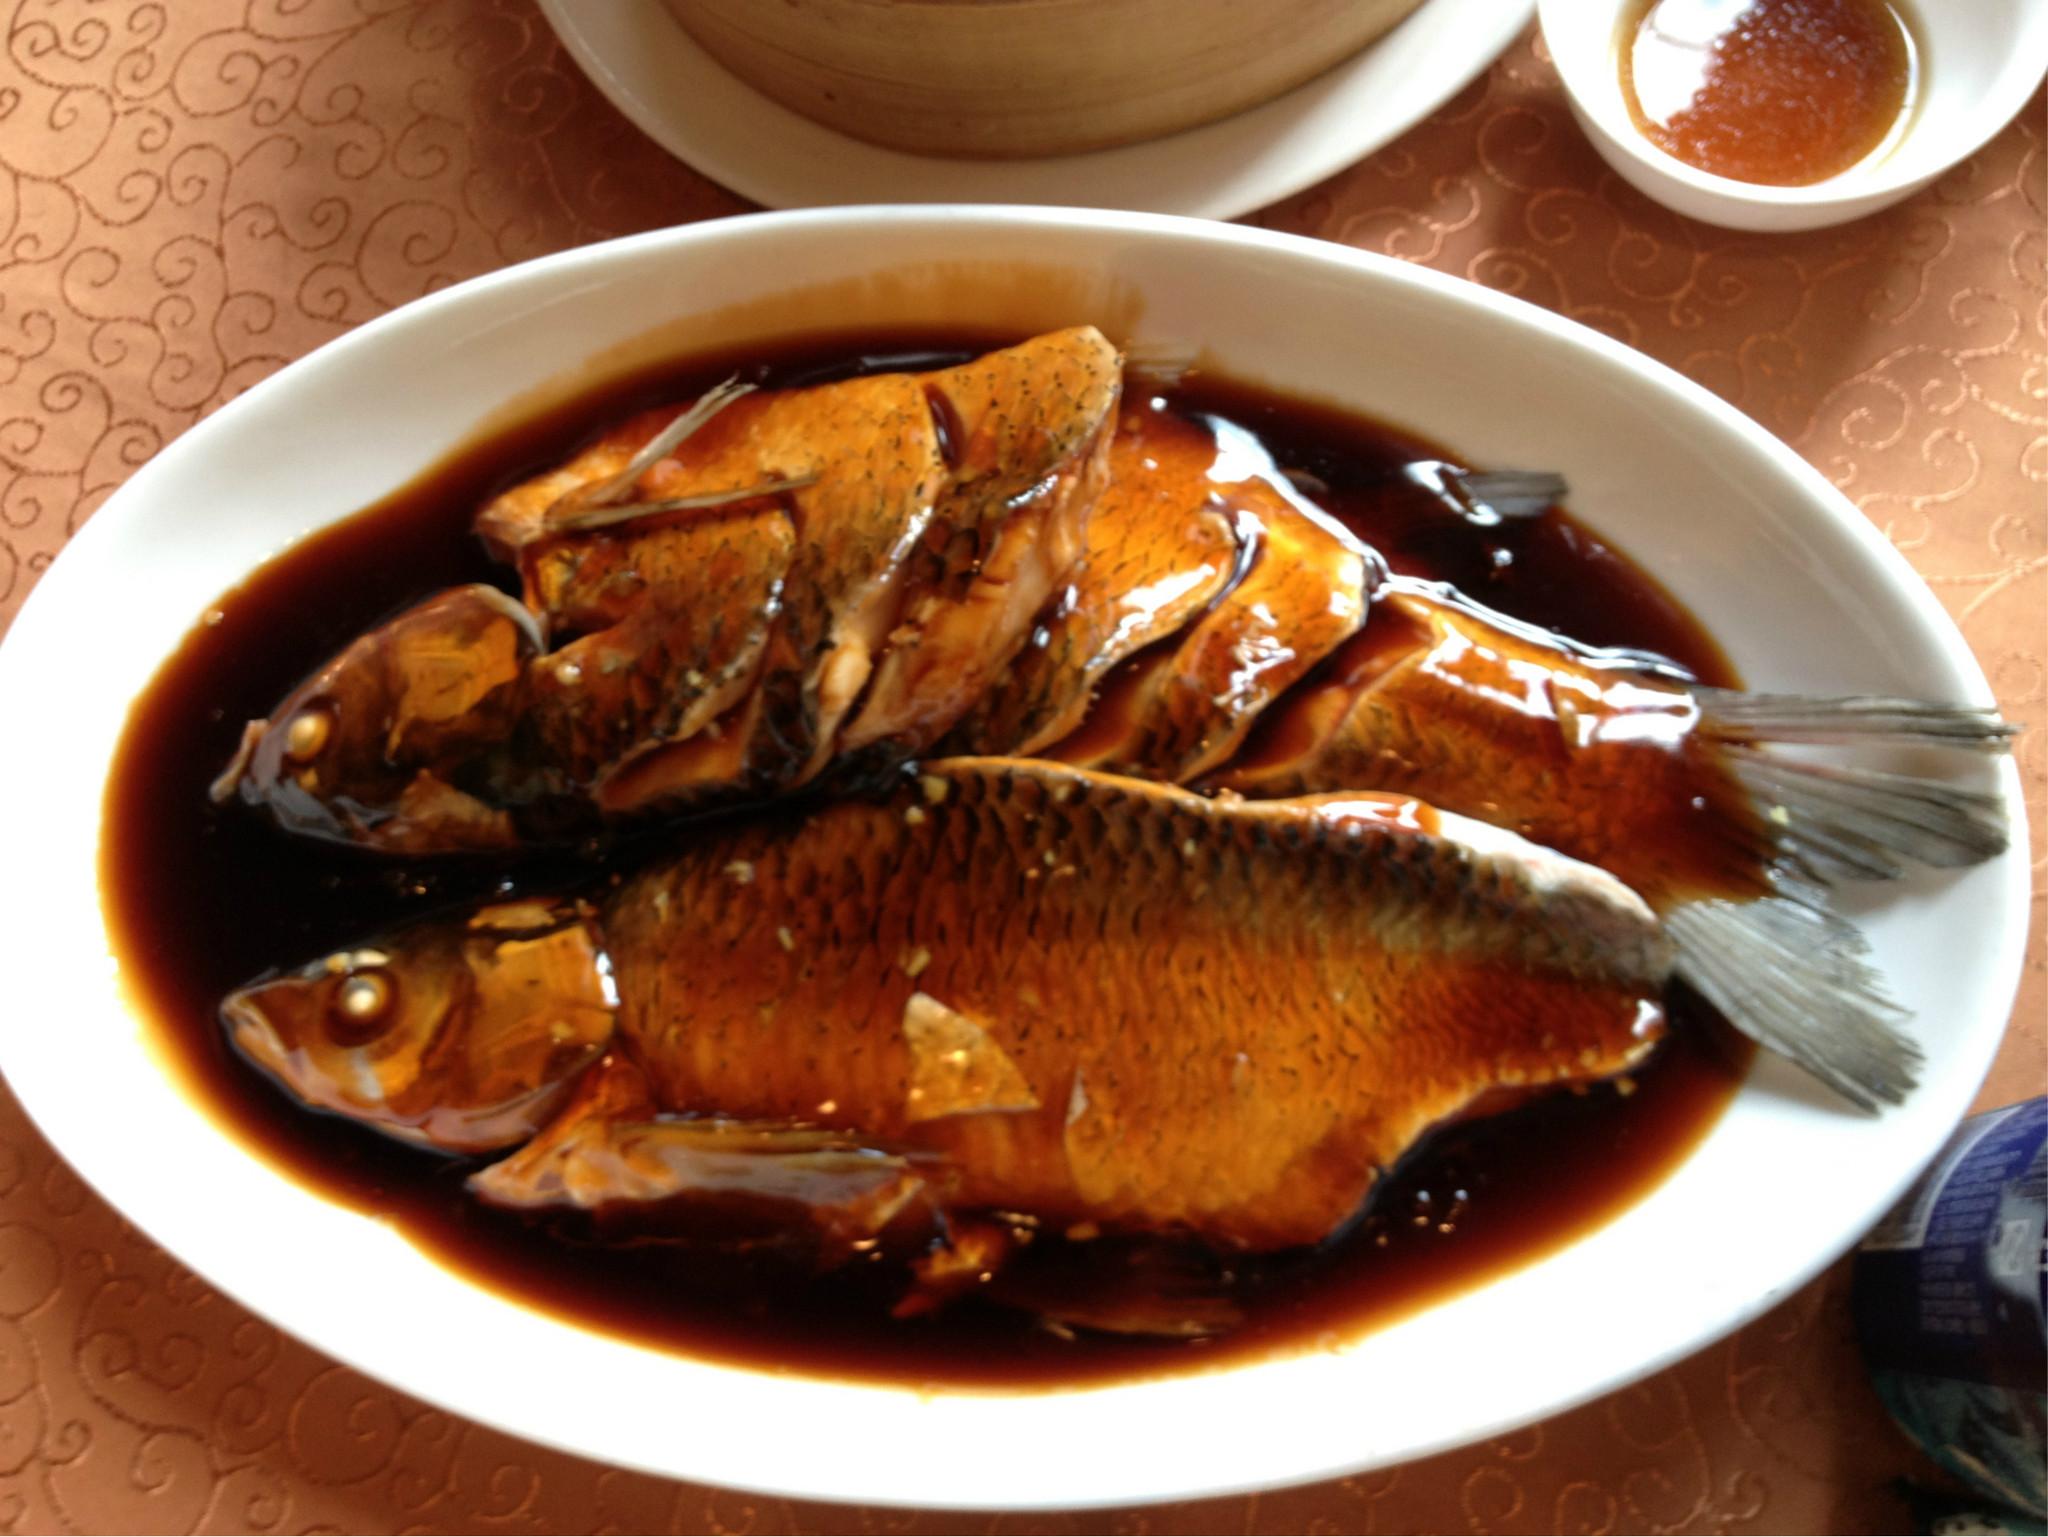 带父母去杭州旅行吃什么,带父母去杭州旅行去哪里吃,带父母去杭州旅行美食推荐